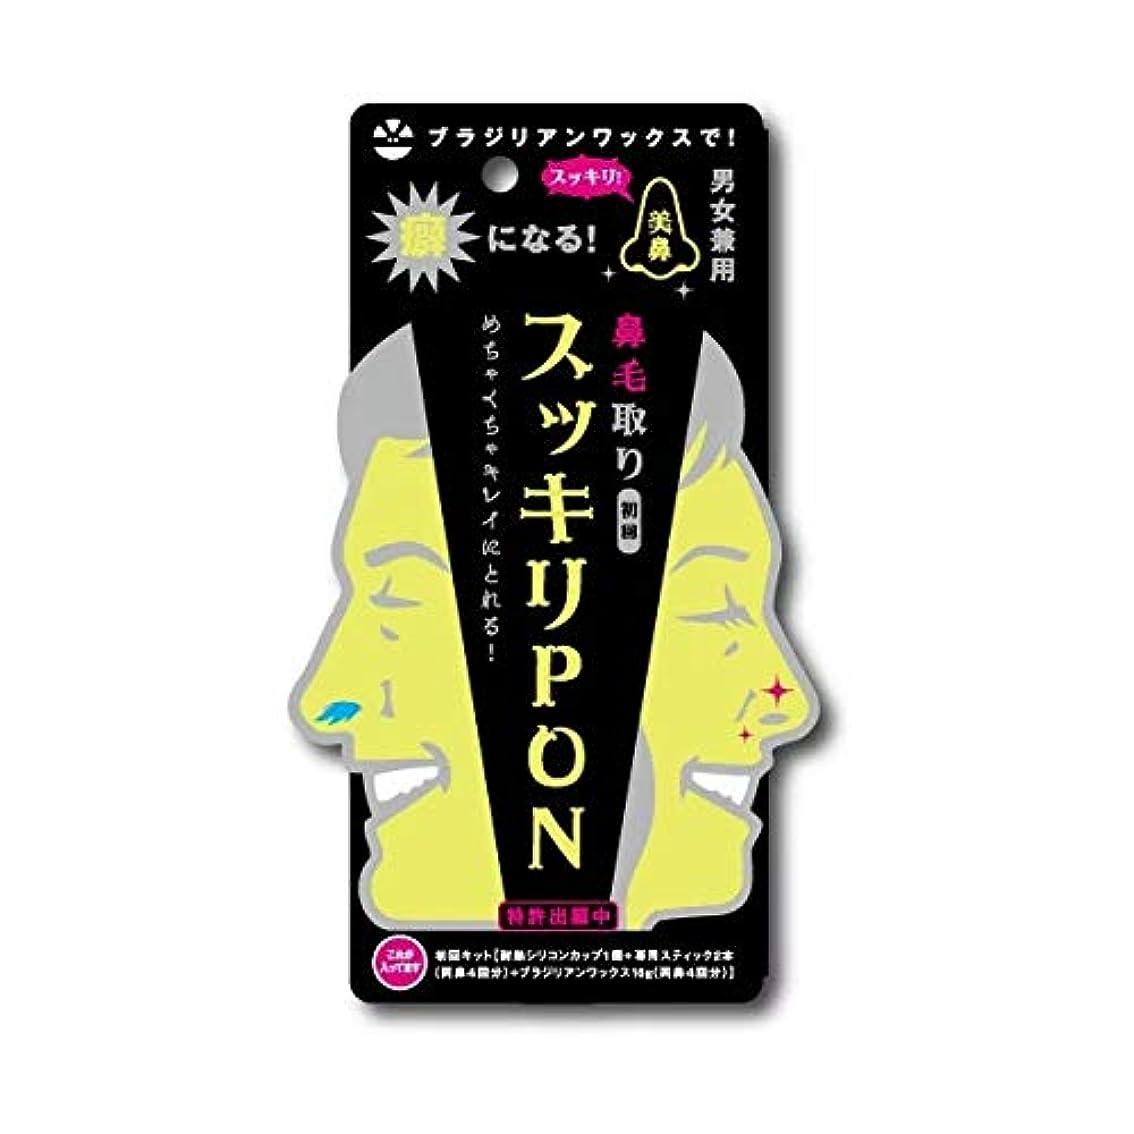 分カウント弓スッキリPON 初回セット